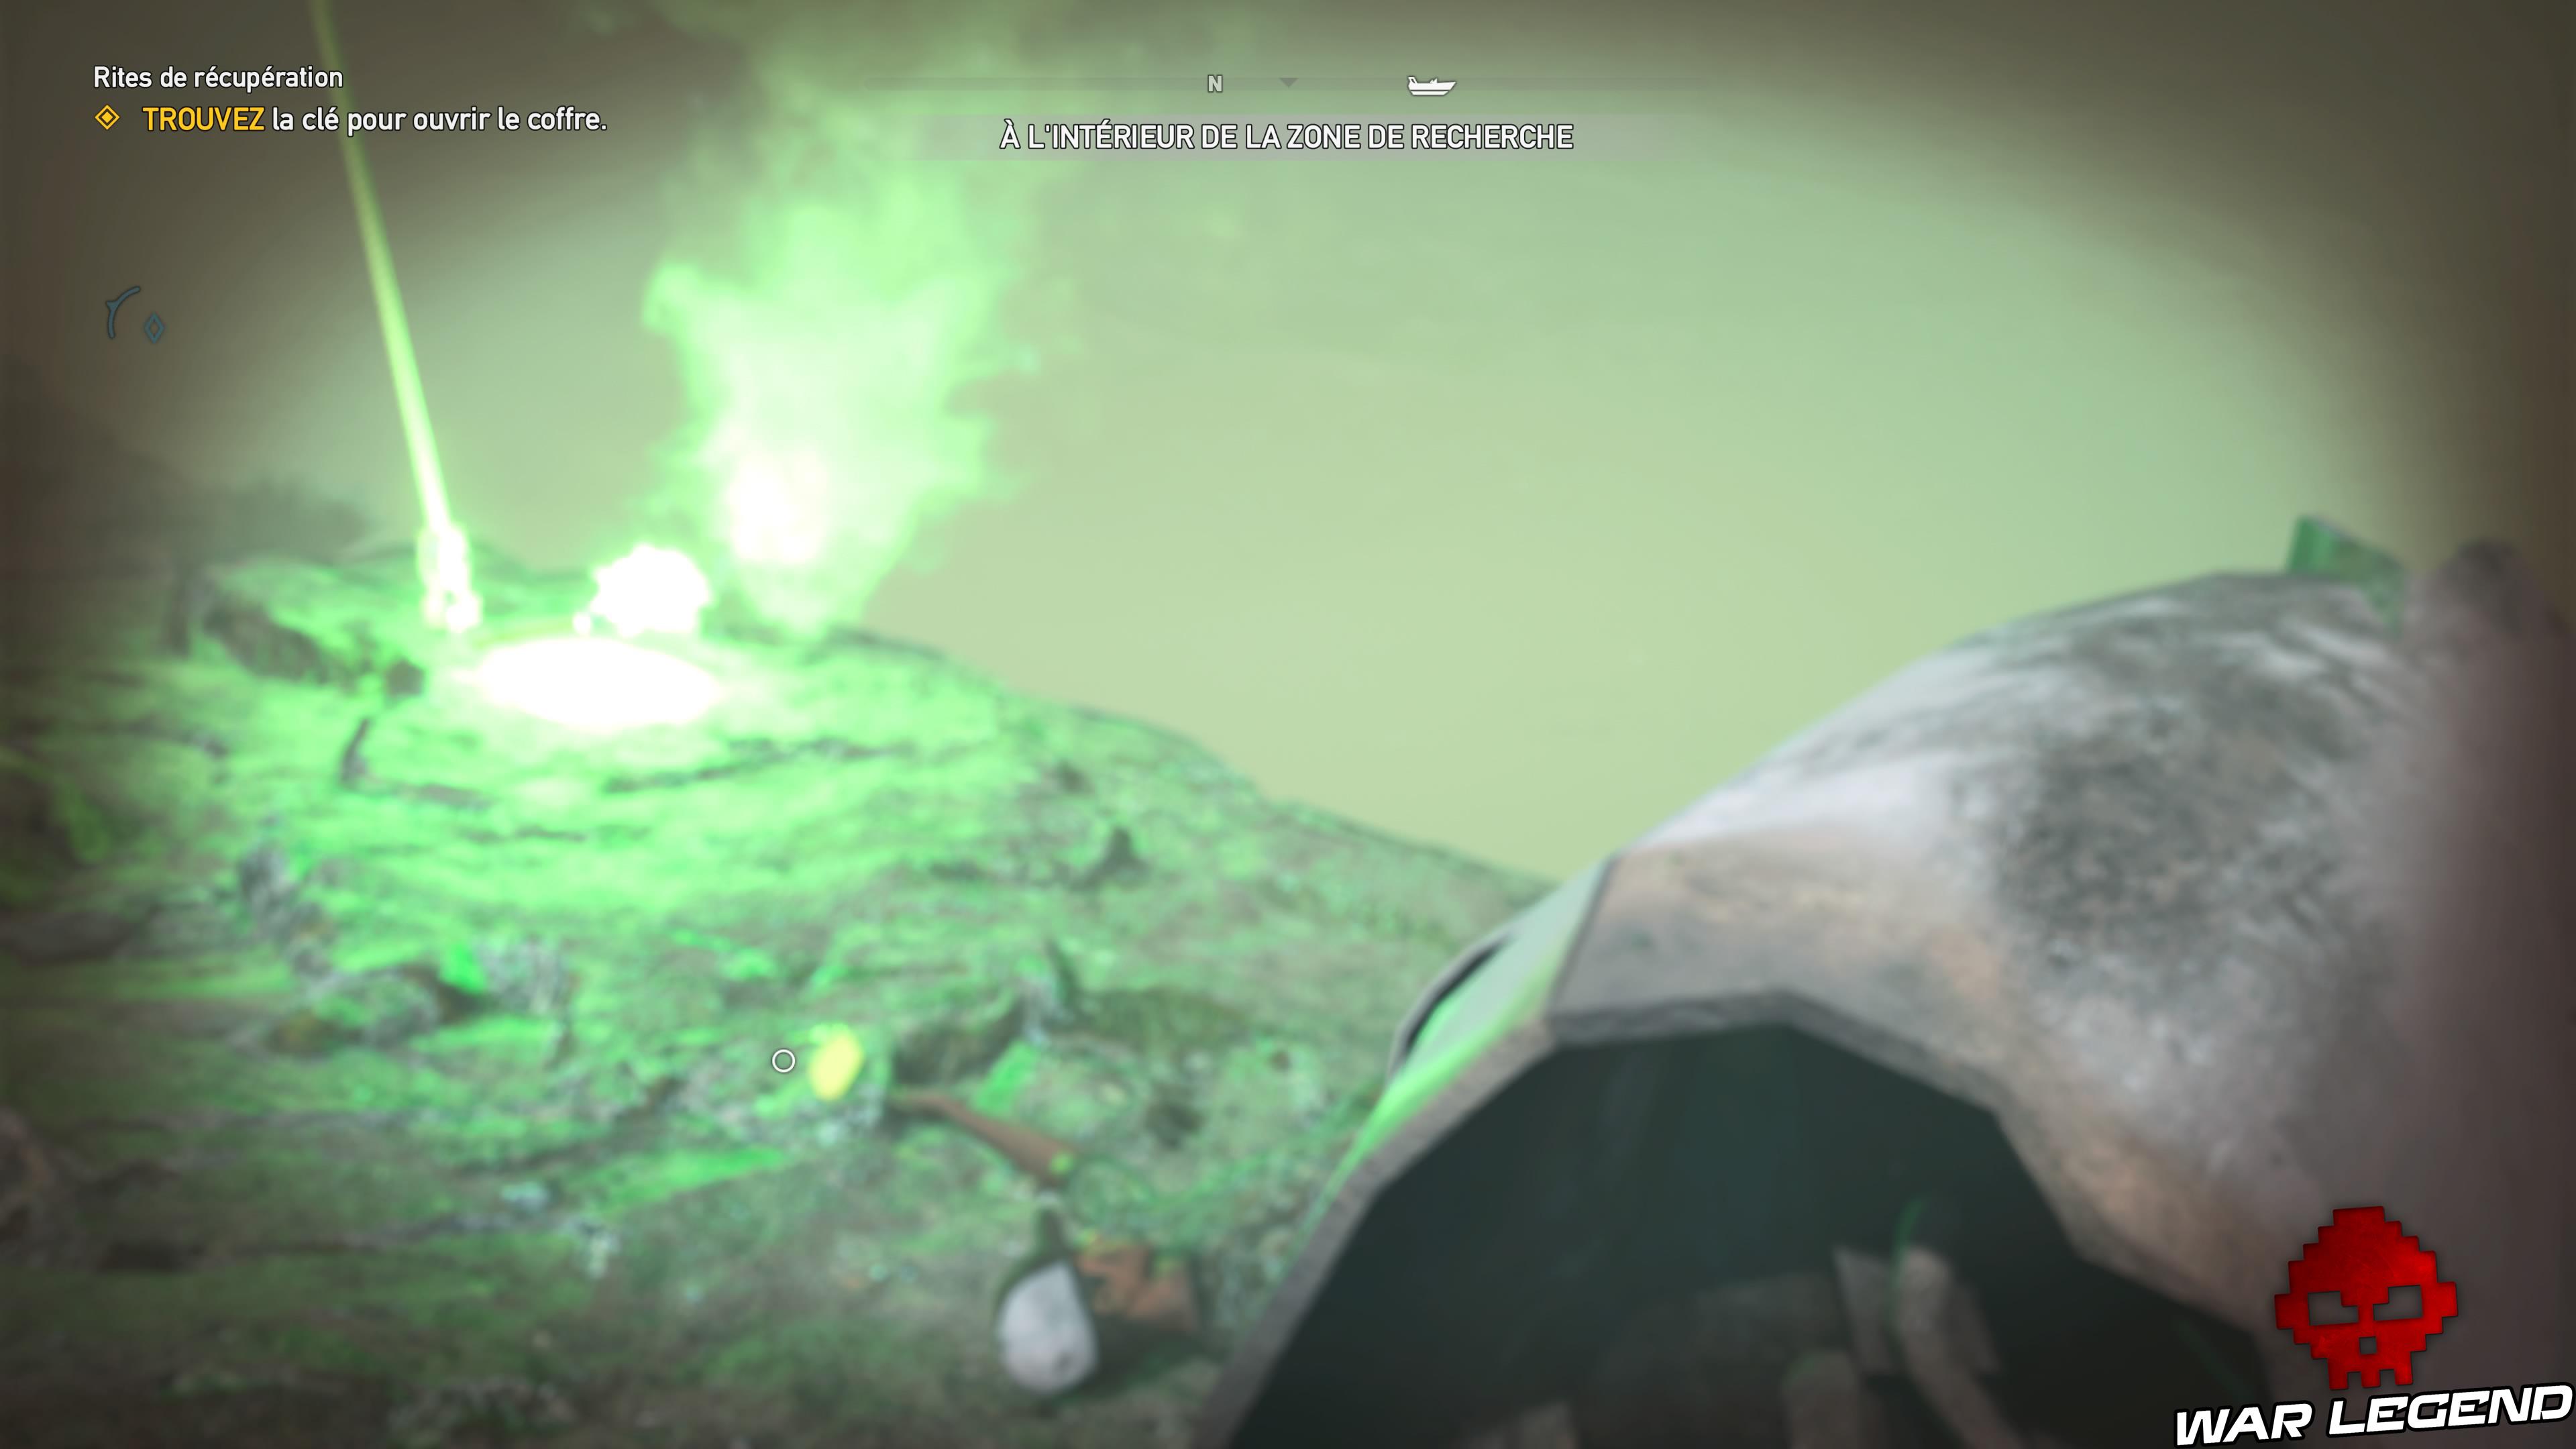 Guide Far Cry 5 - Les caches de survivaliste de la région de Jacob (Whitetail Mountains) fusée verte sous l'eau